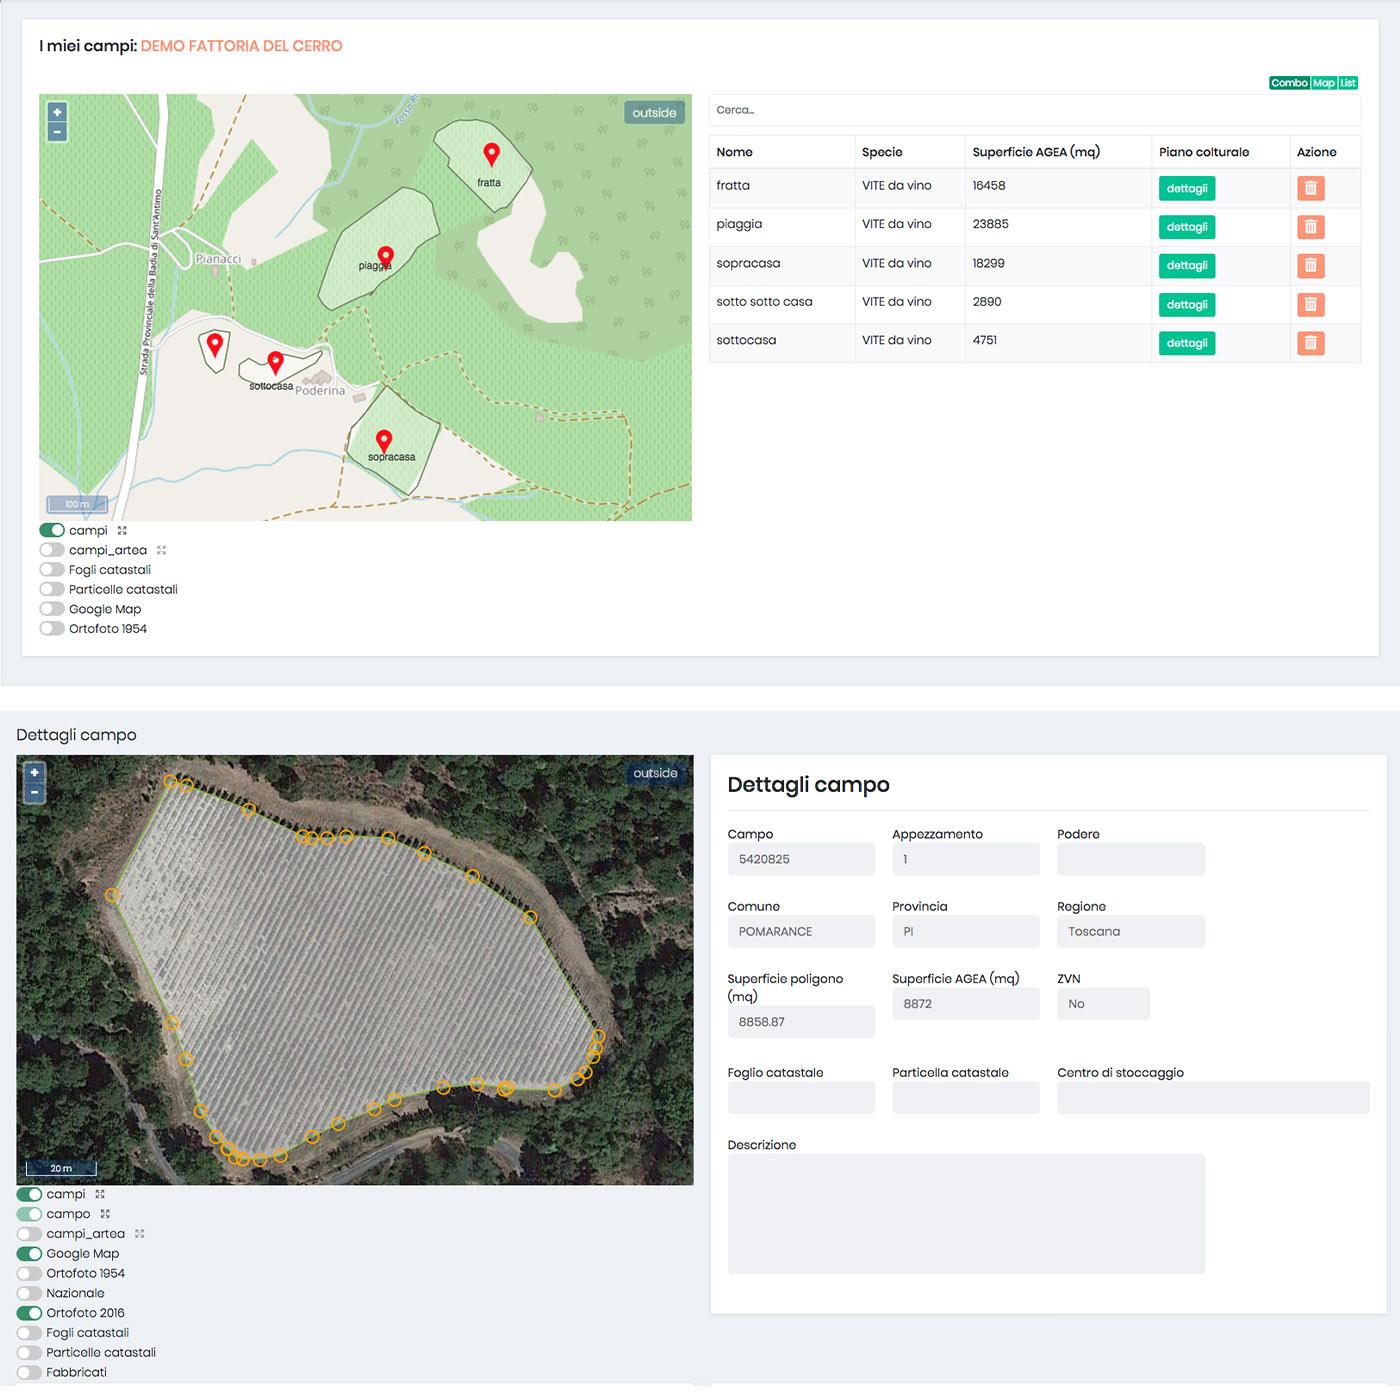 gestione aziende agricole con app per monitoraggio campi